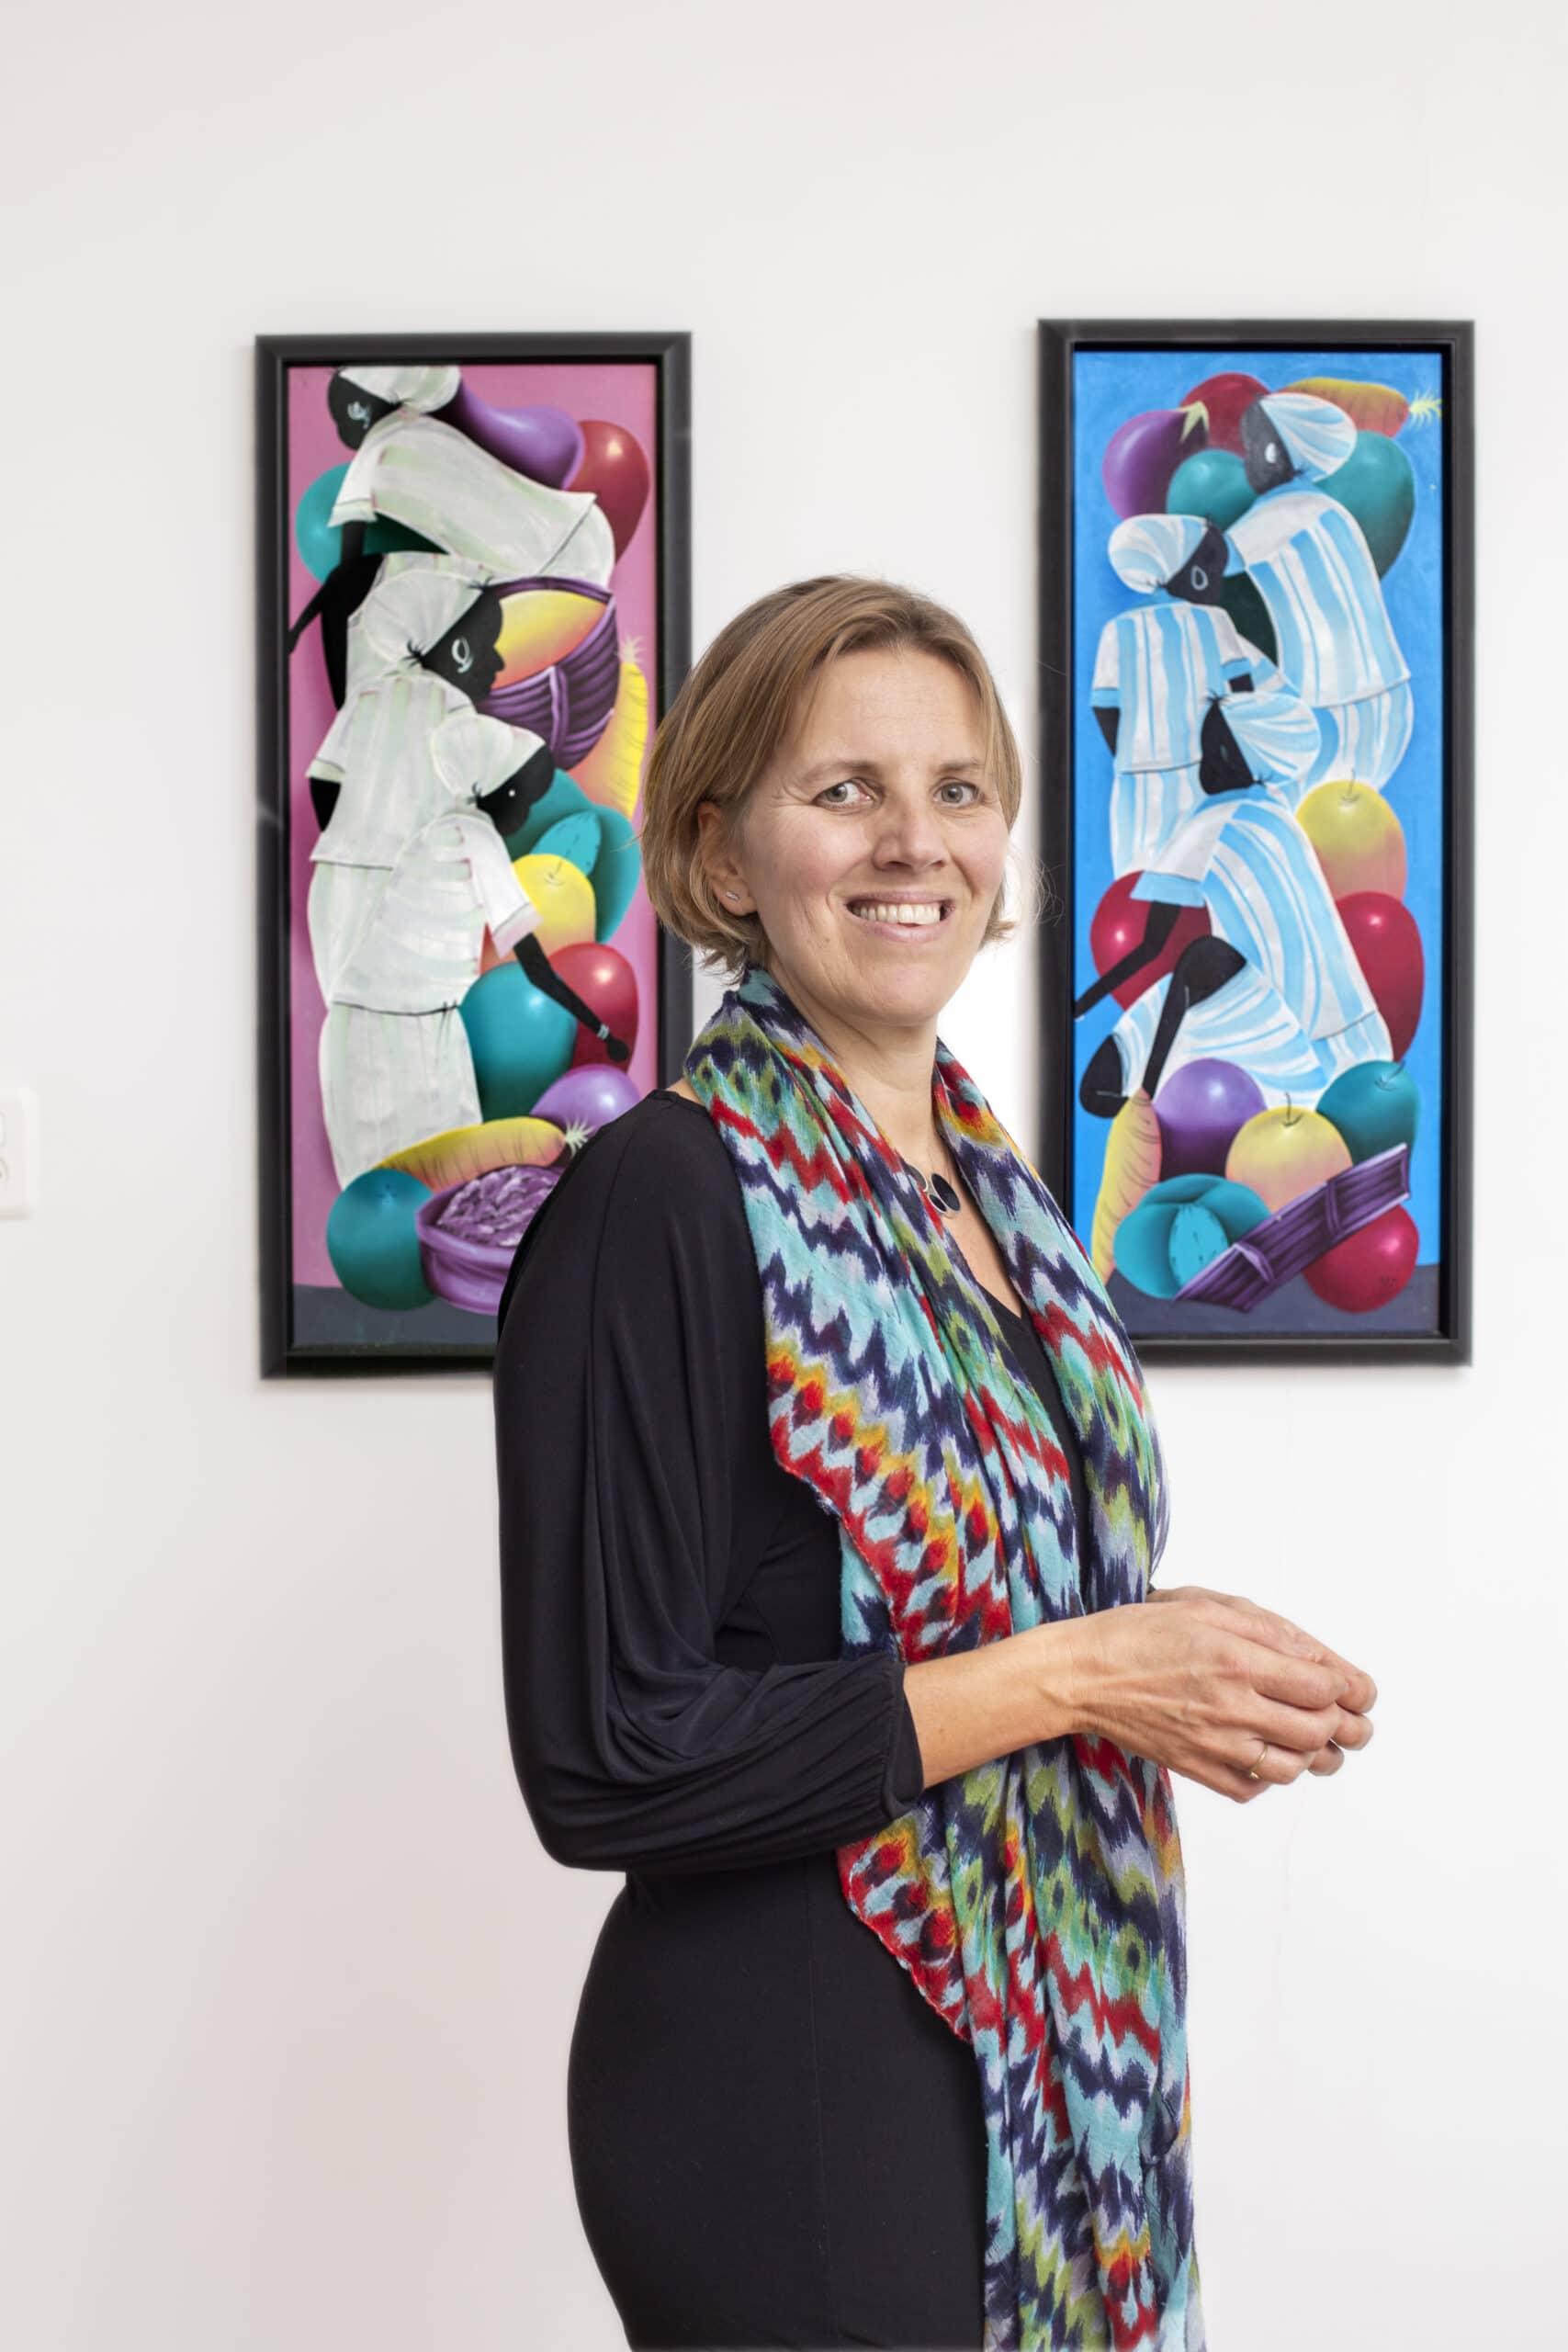 Rina Molenaar